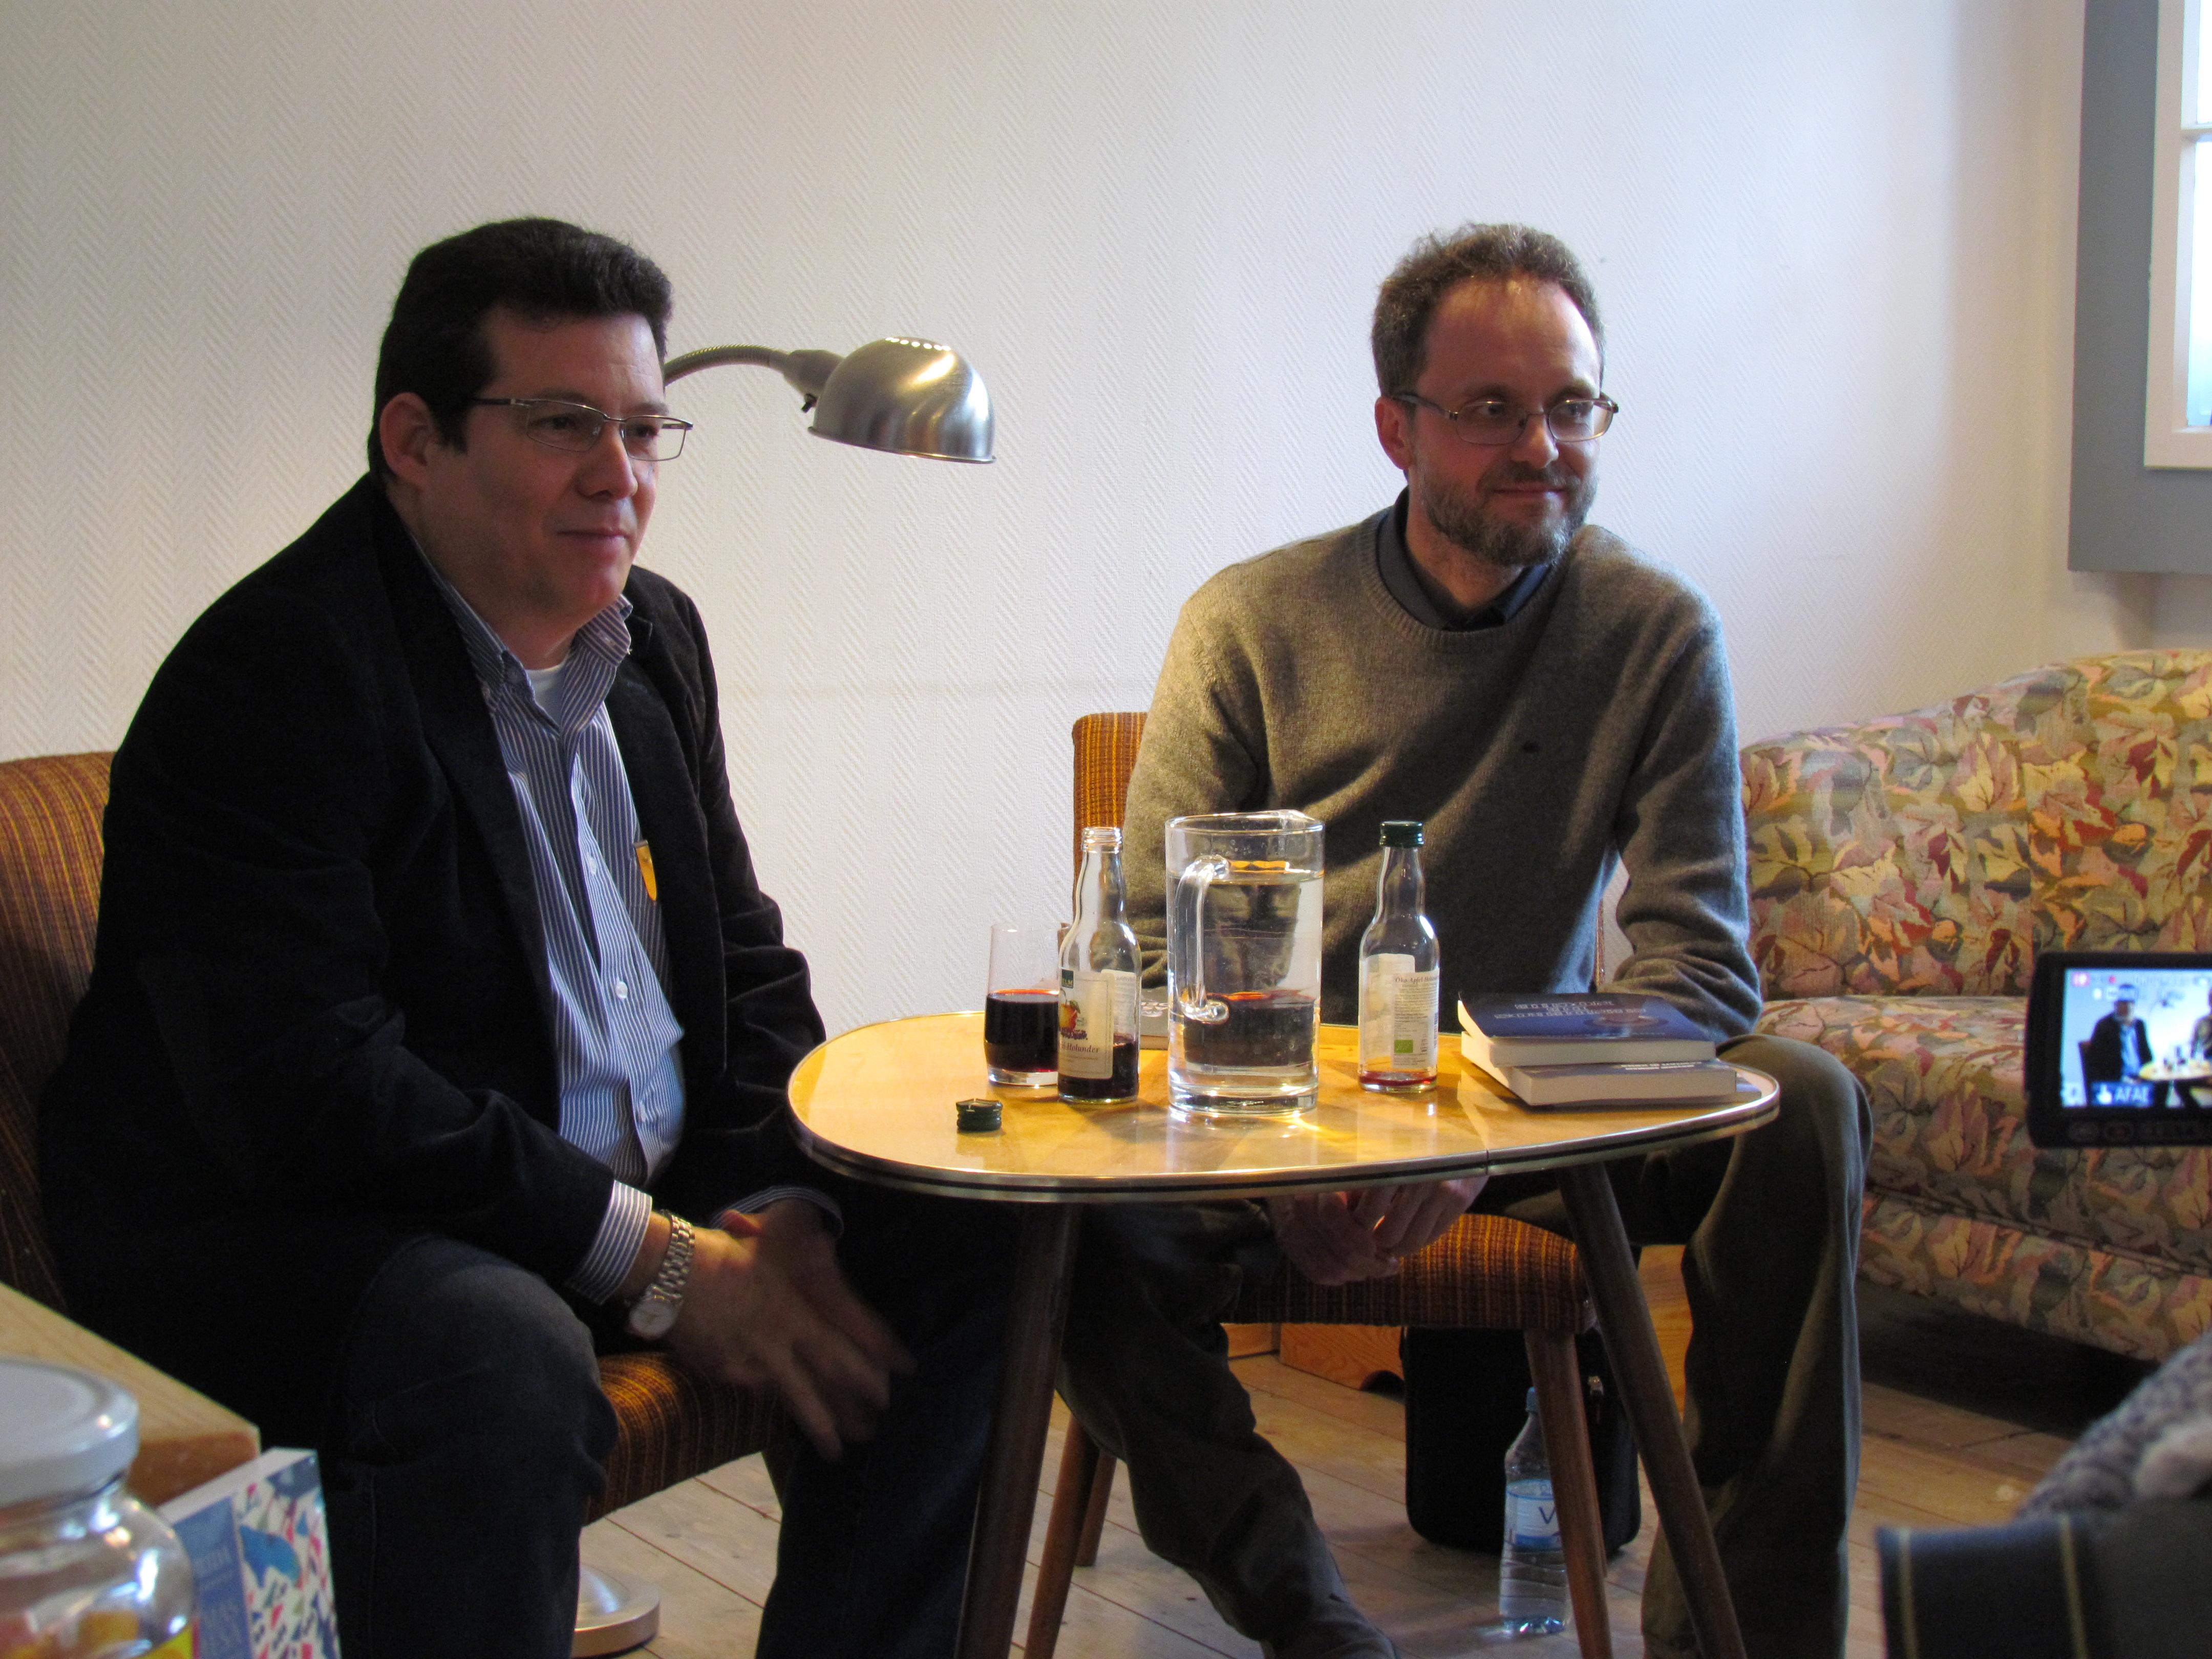 """Con Amir Valle alla libreria """"Rayuela"""" (Berlino) durante la presentazione di """"Senderos de noche"""" (foto di Gabriele Iaconis)"""